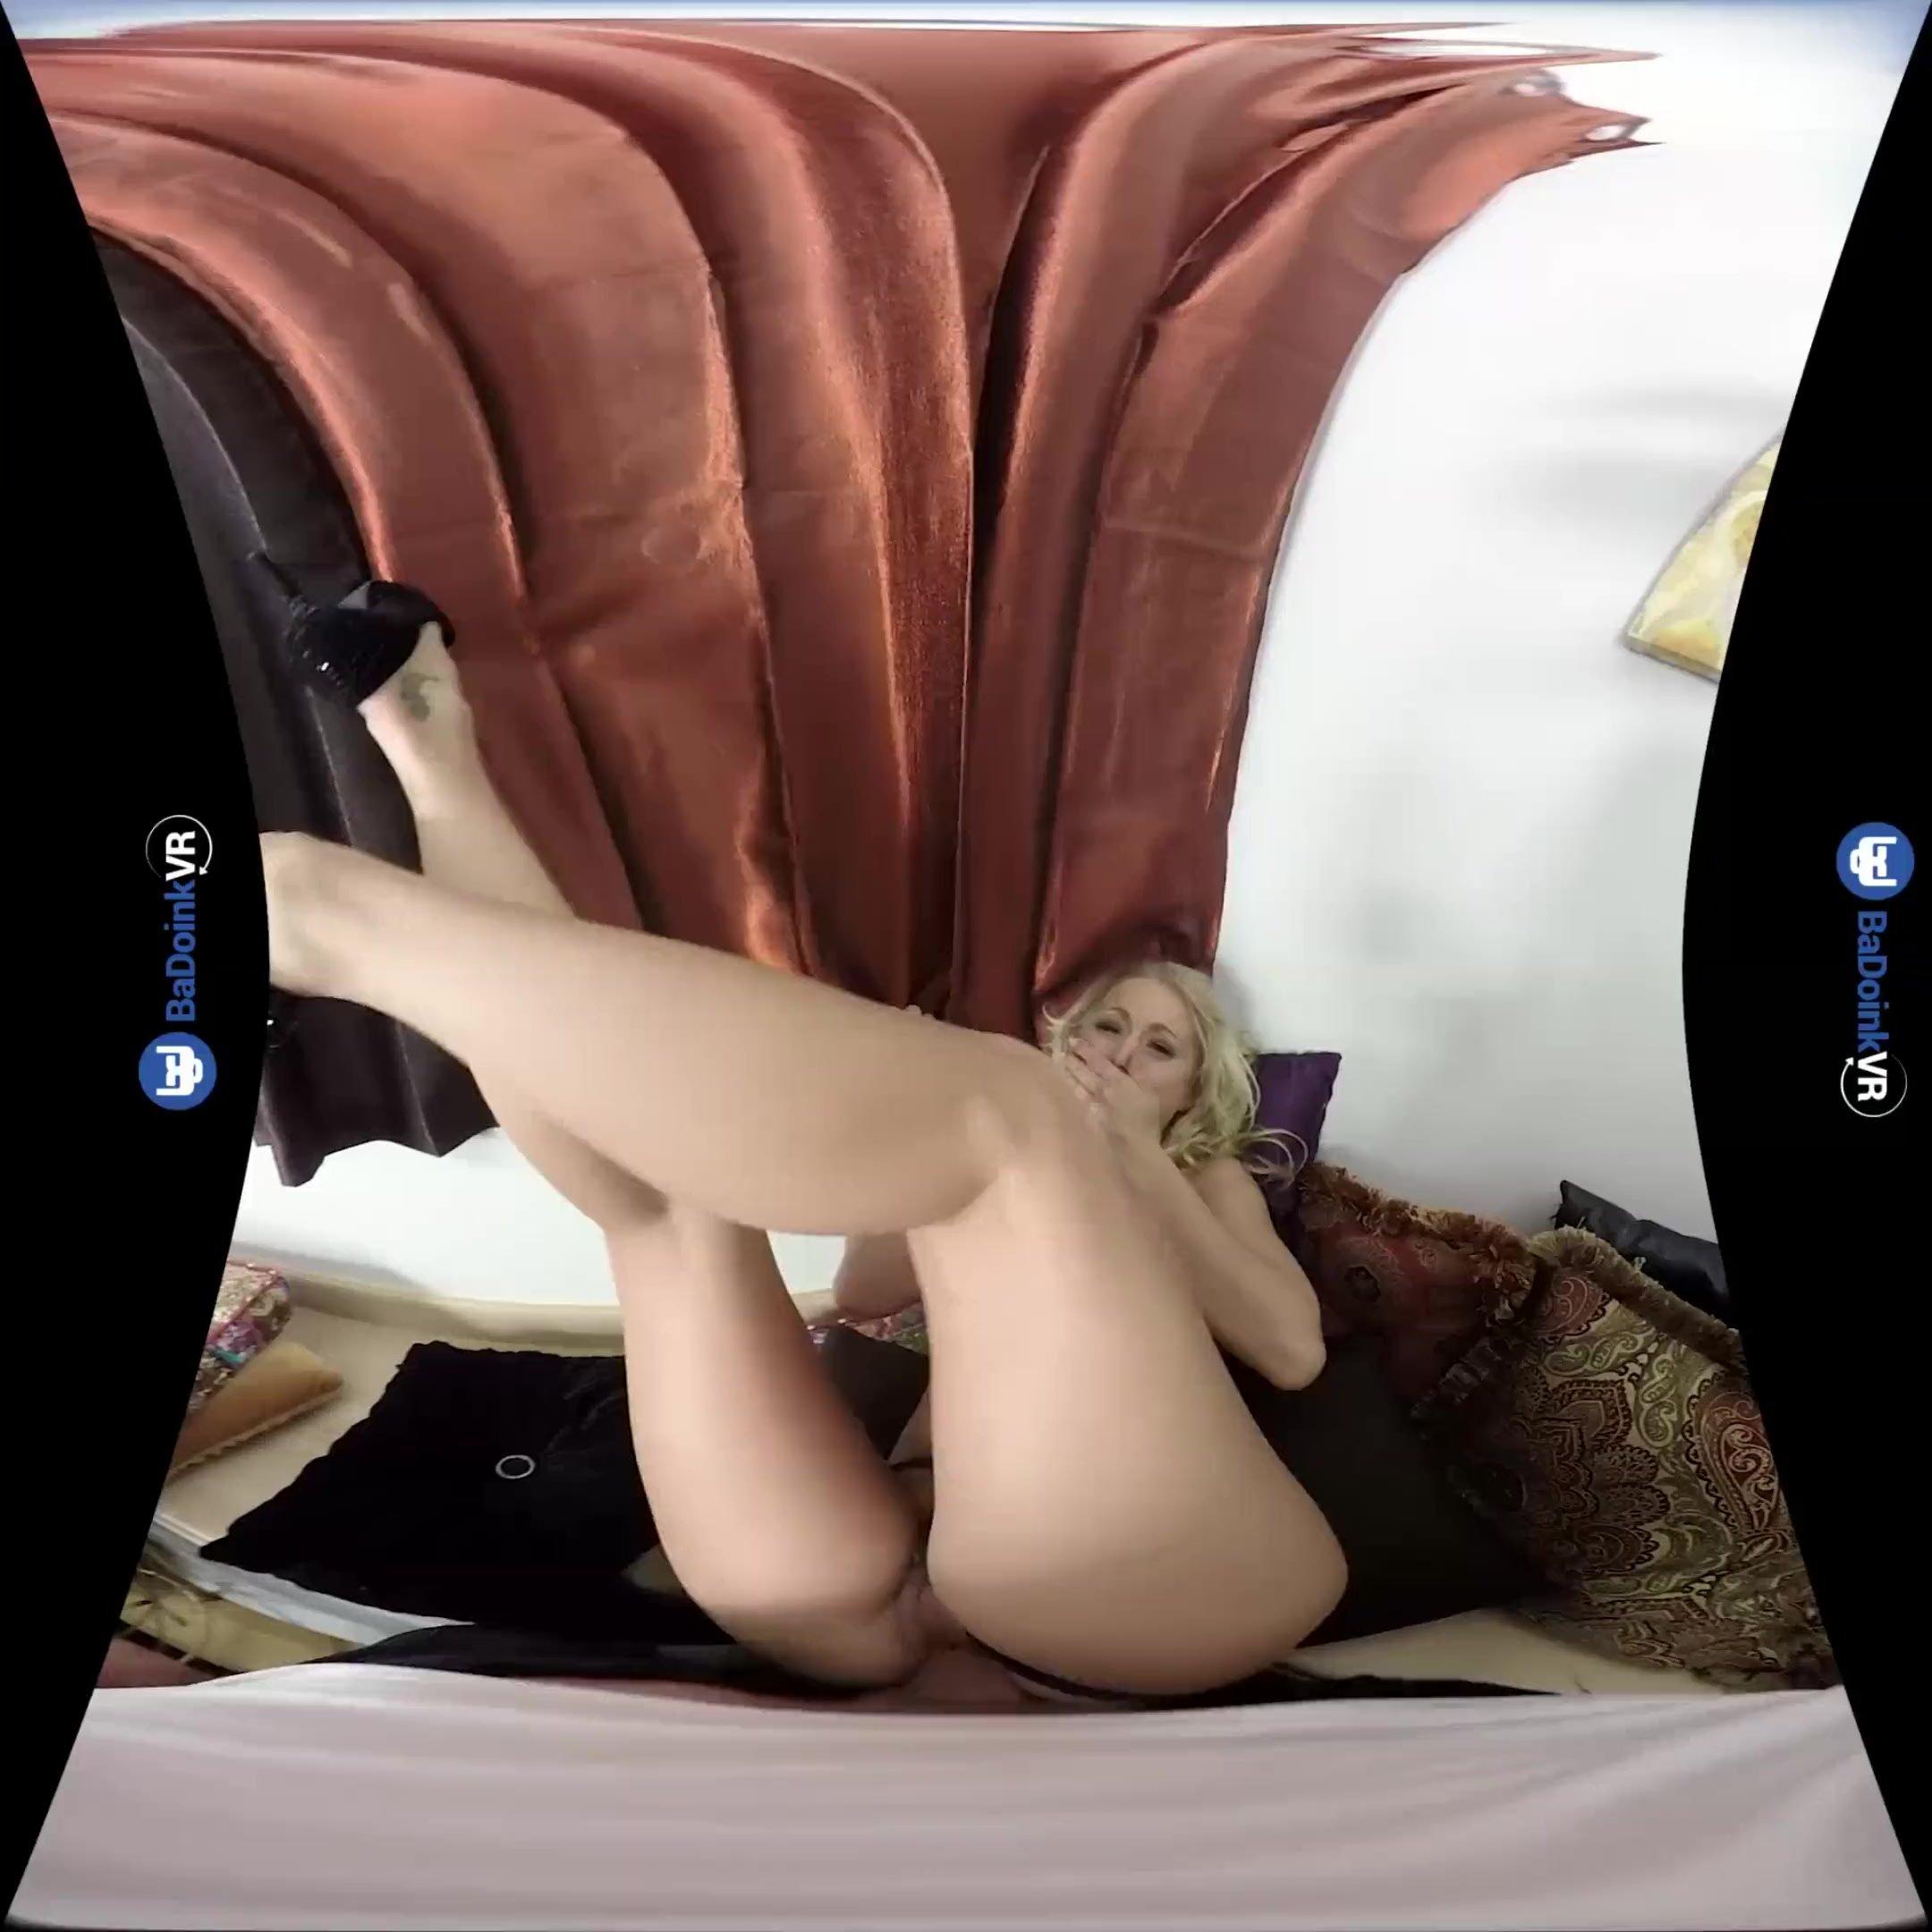 Pov Virtual Fuck Big Tits